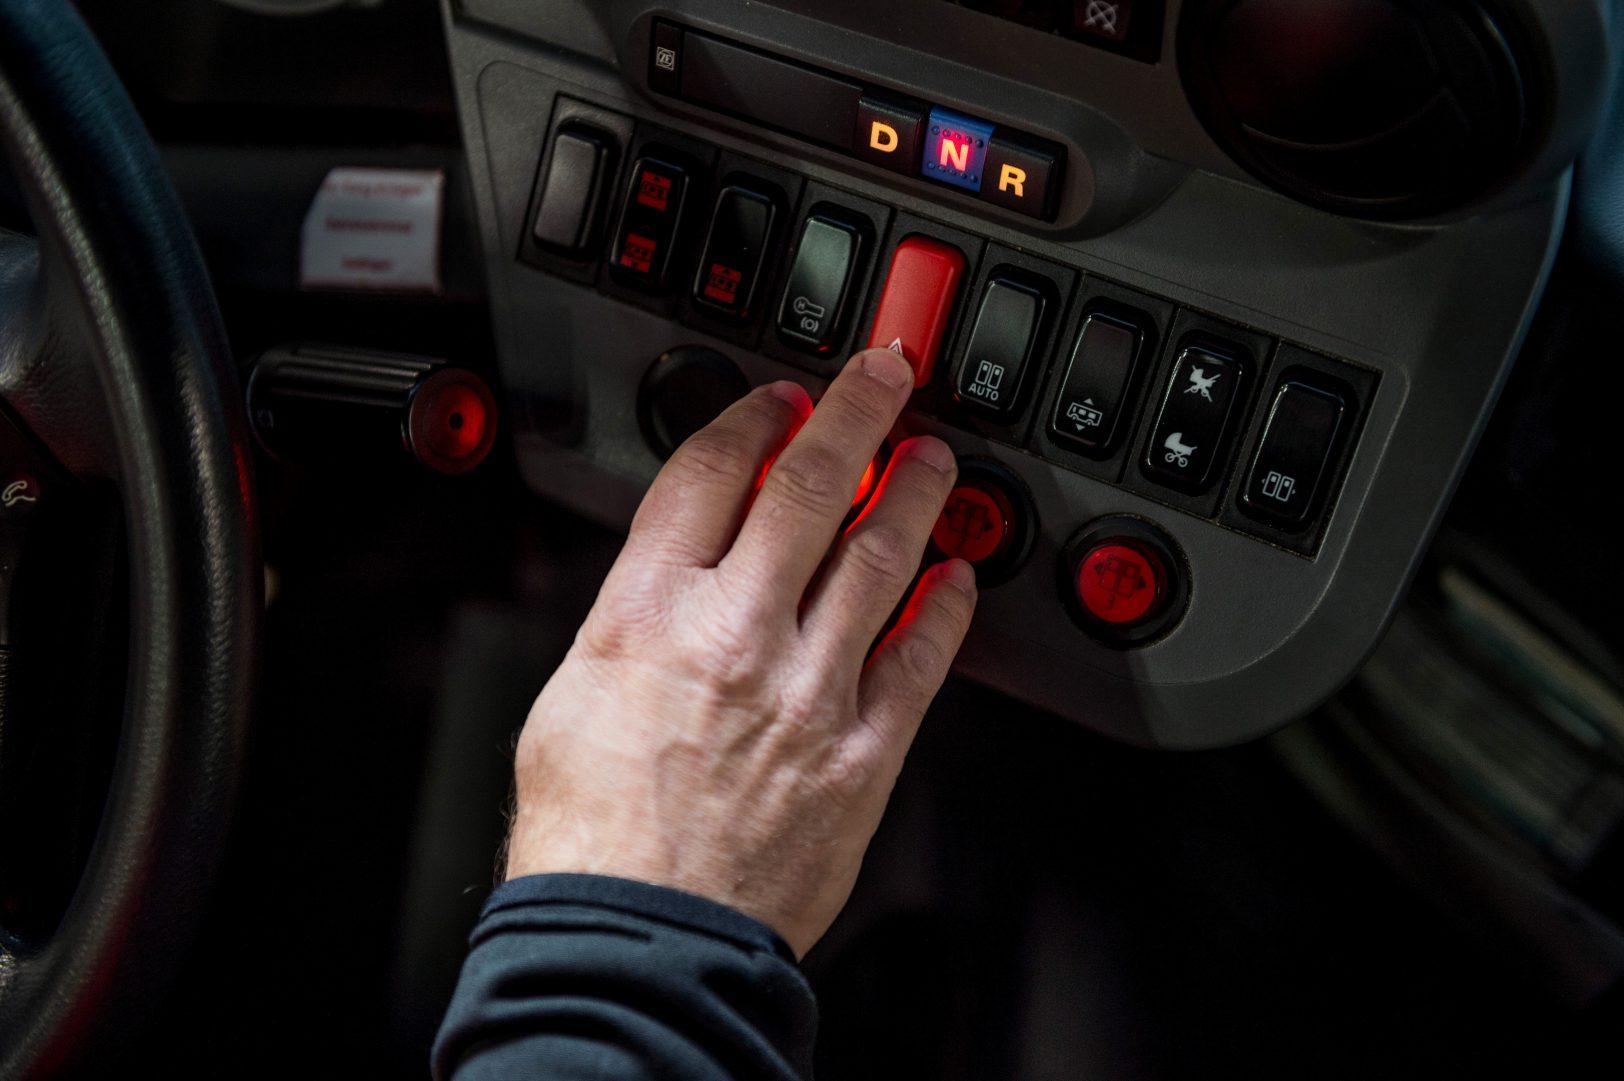 Chur Bus: Funktionieren alle Anlagen?